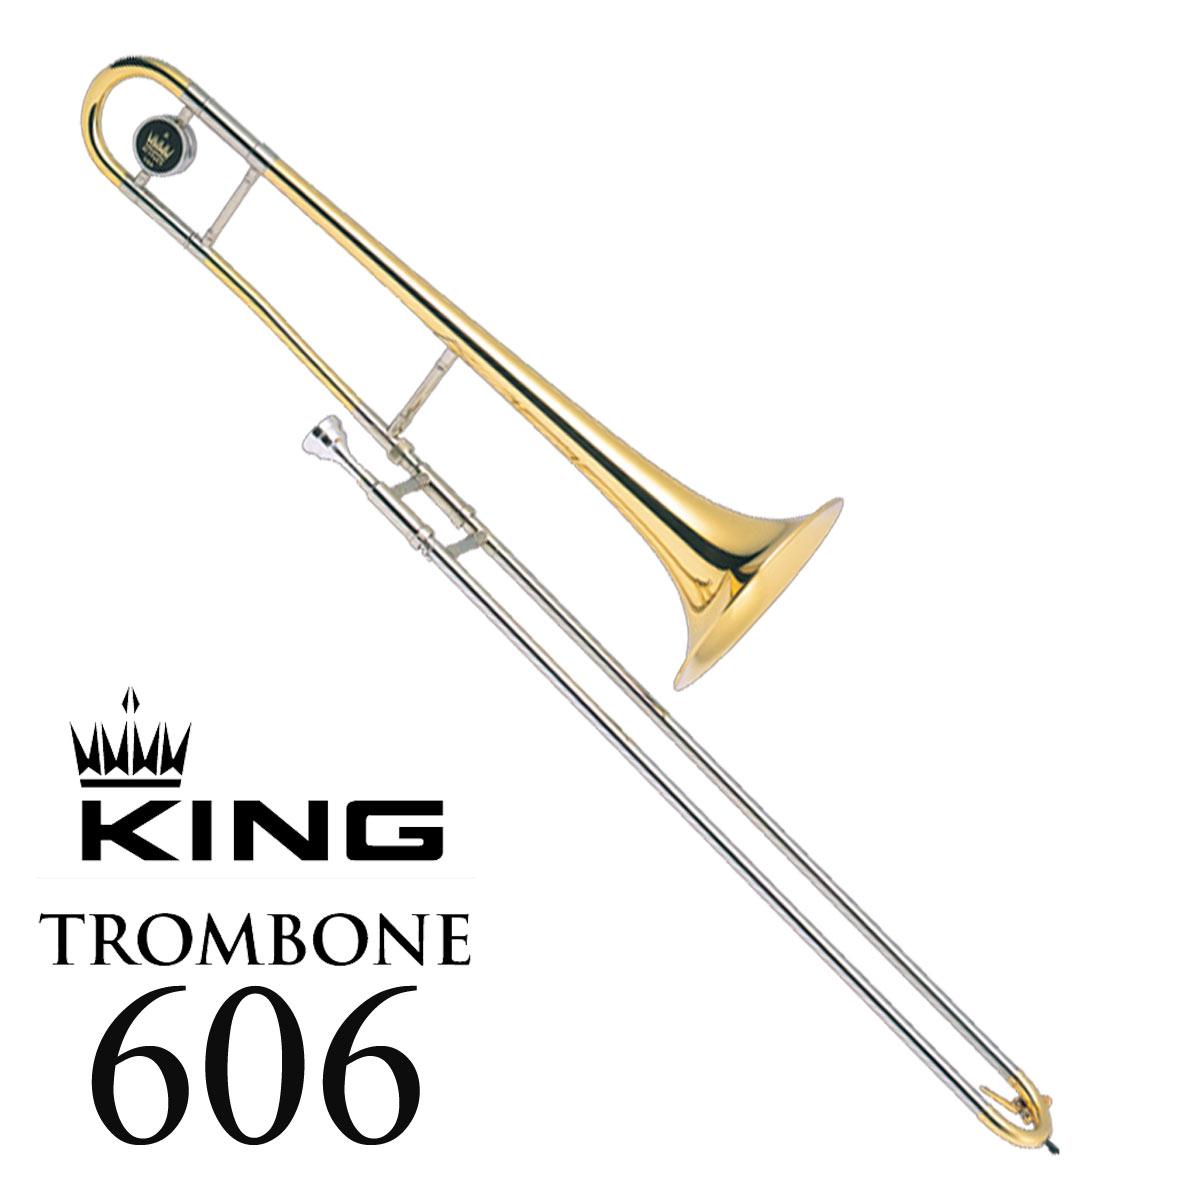 有名ブランド KING 606/ 606 キング 606 USA製 606 テナートロンボーン キング ラッカー仕上げ, FREE MART Wear houseフリーマート:4a3fa06e --- toscanofood.it